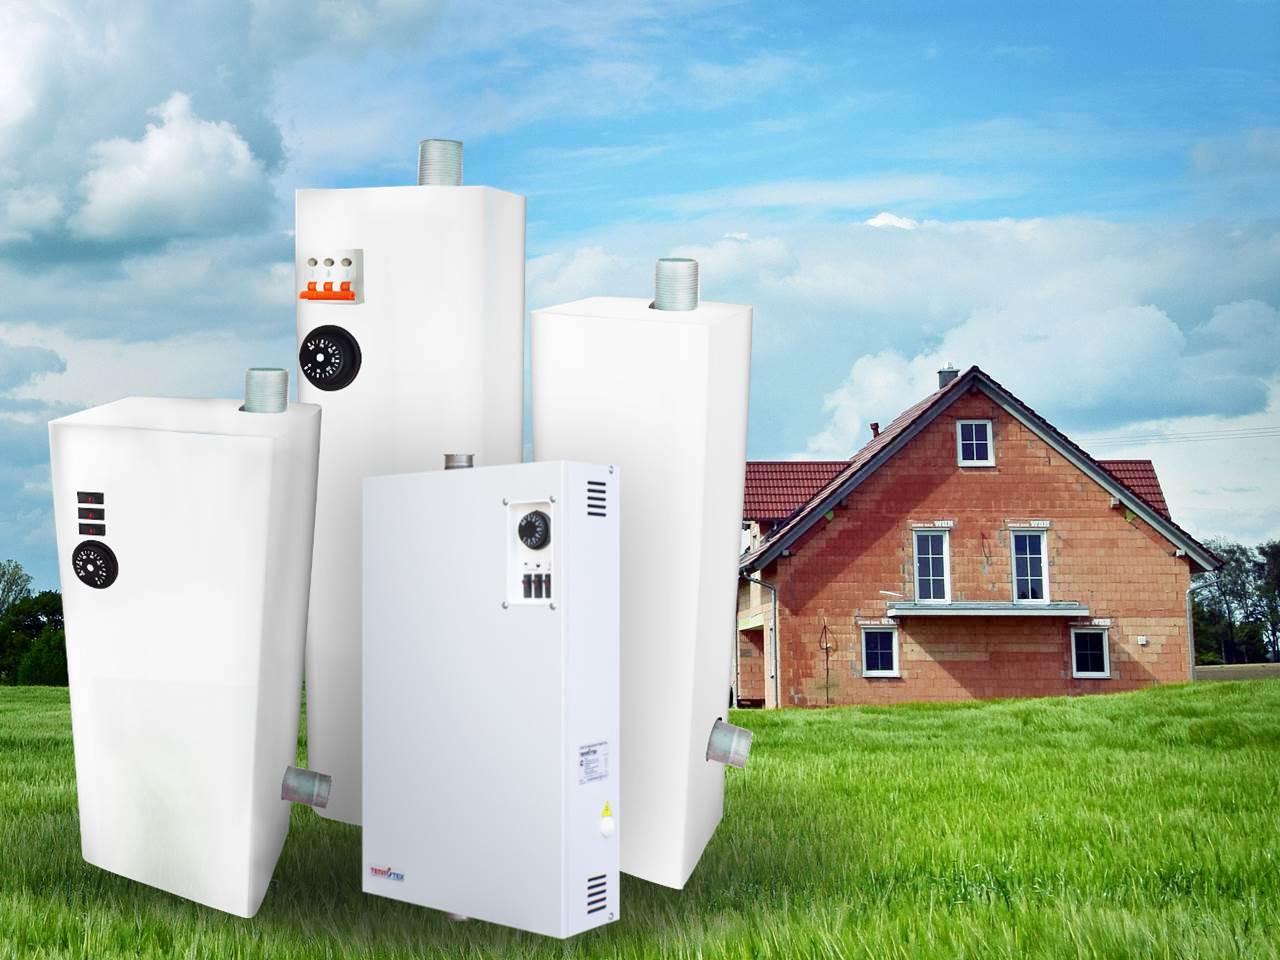 ЭВПМ оснащены системой настройки и поддержания определенной температуры